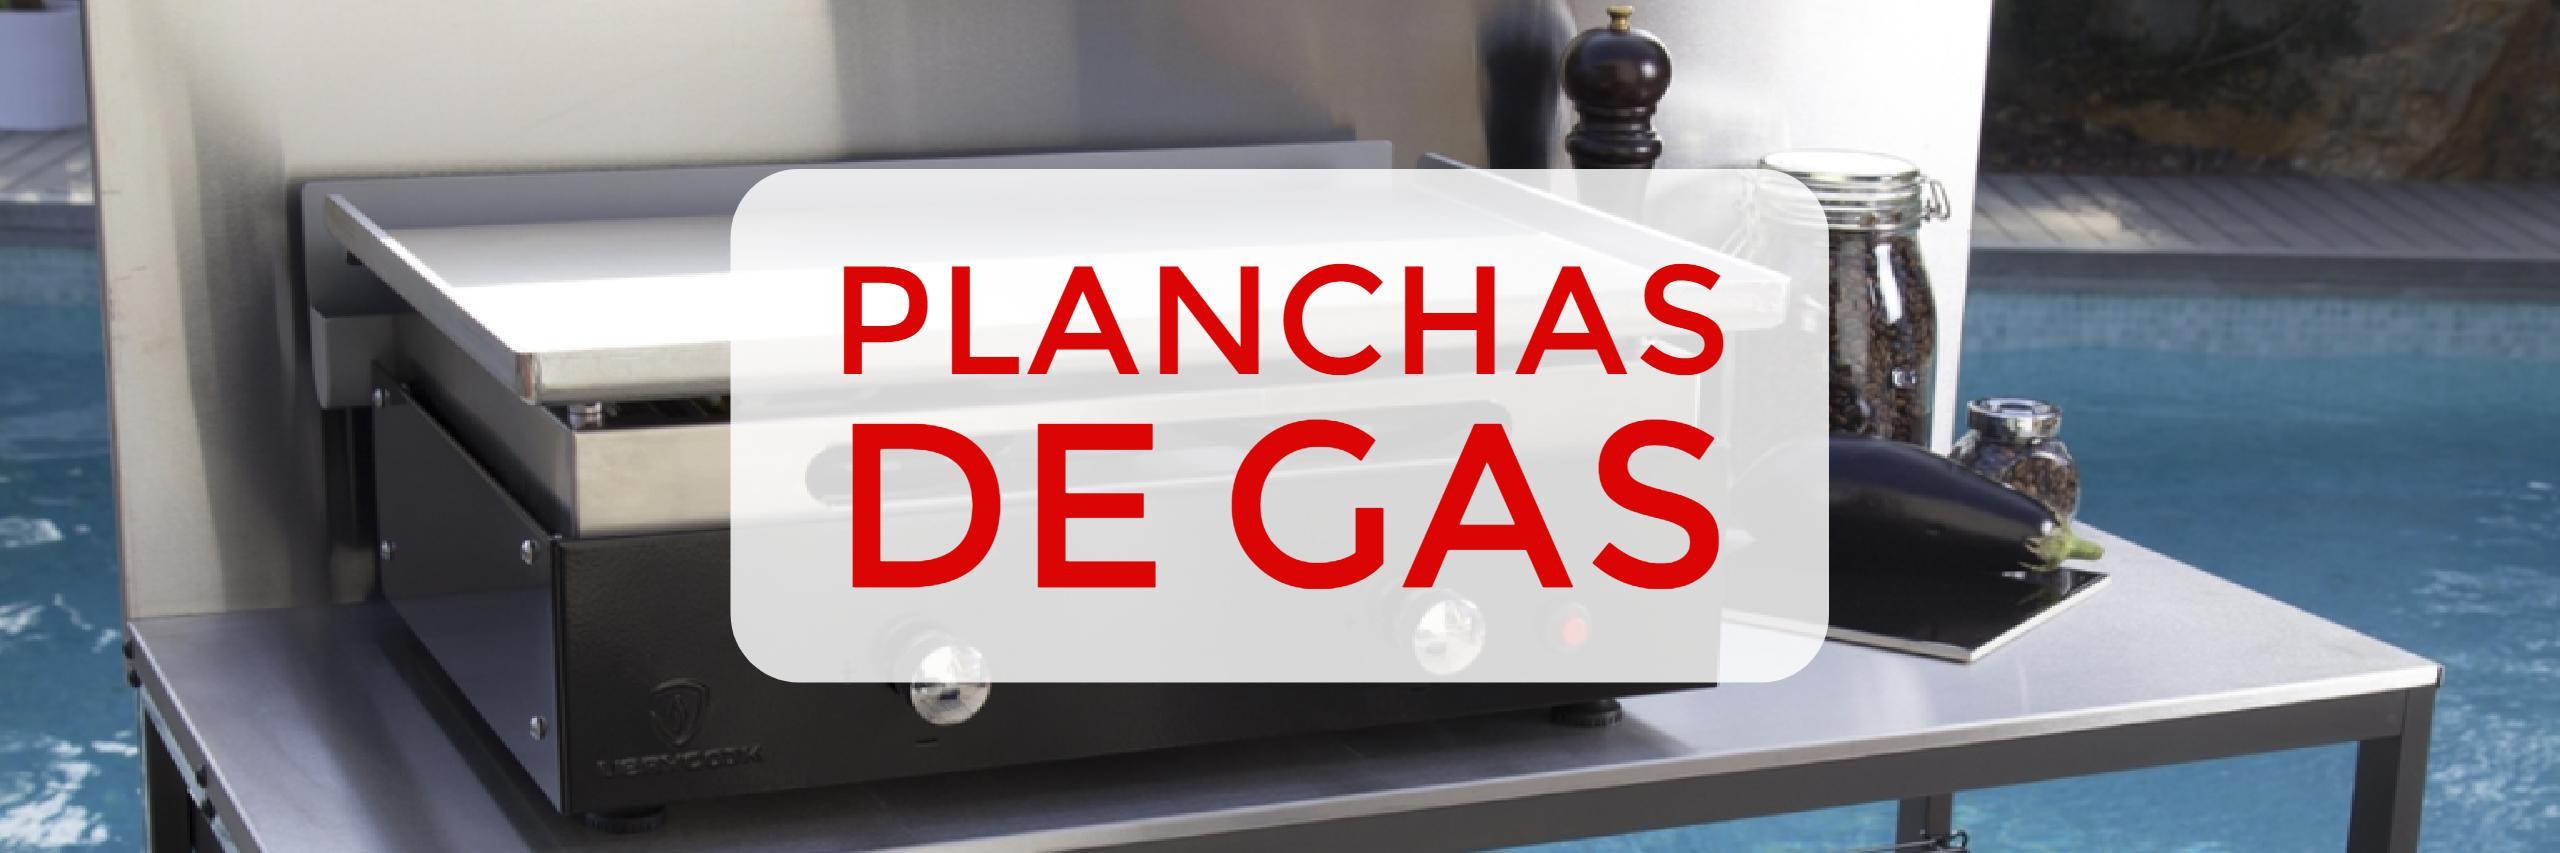 plancha de gas baratas y profesionales desde 20 euros